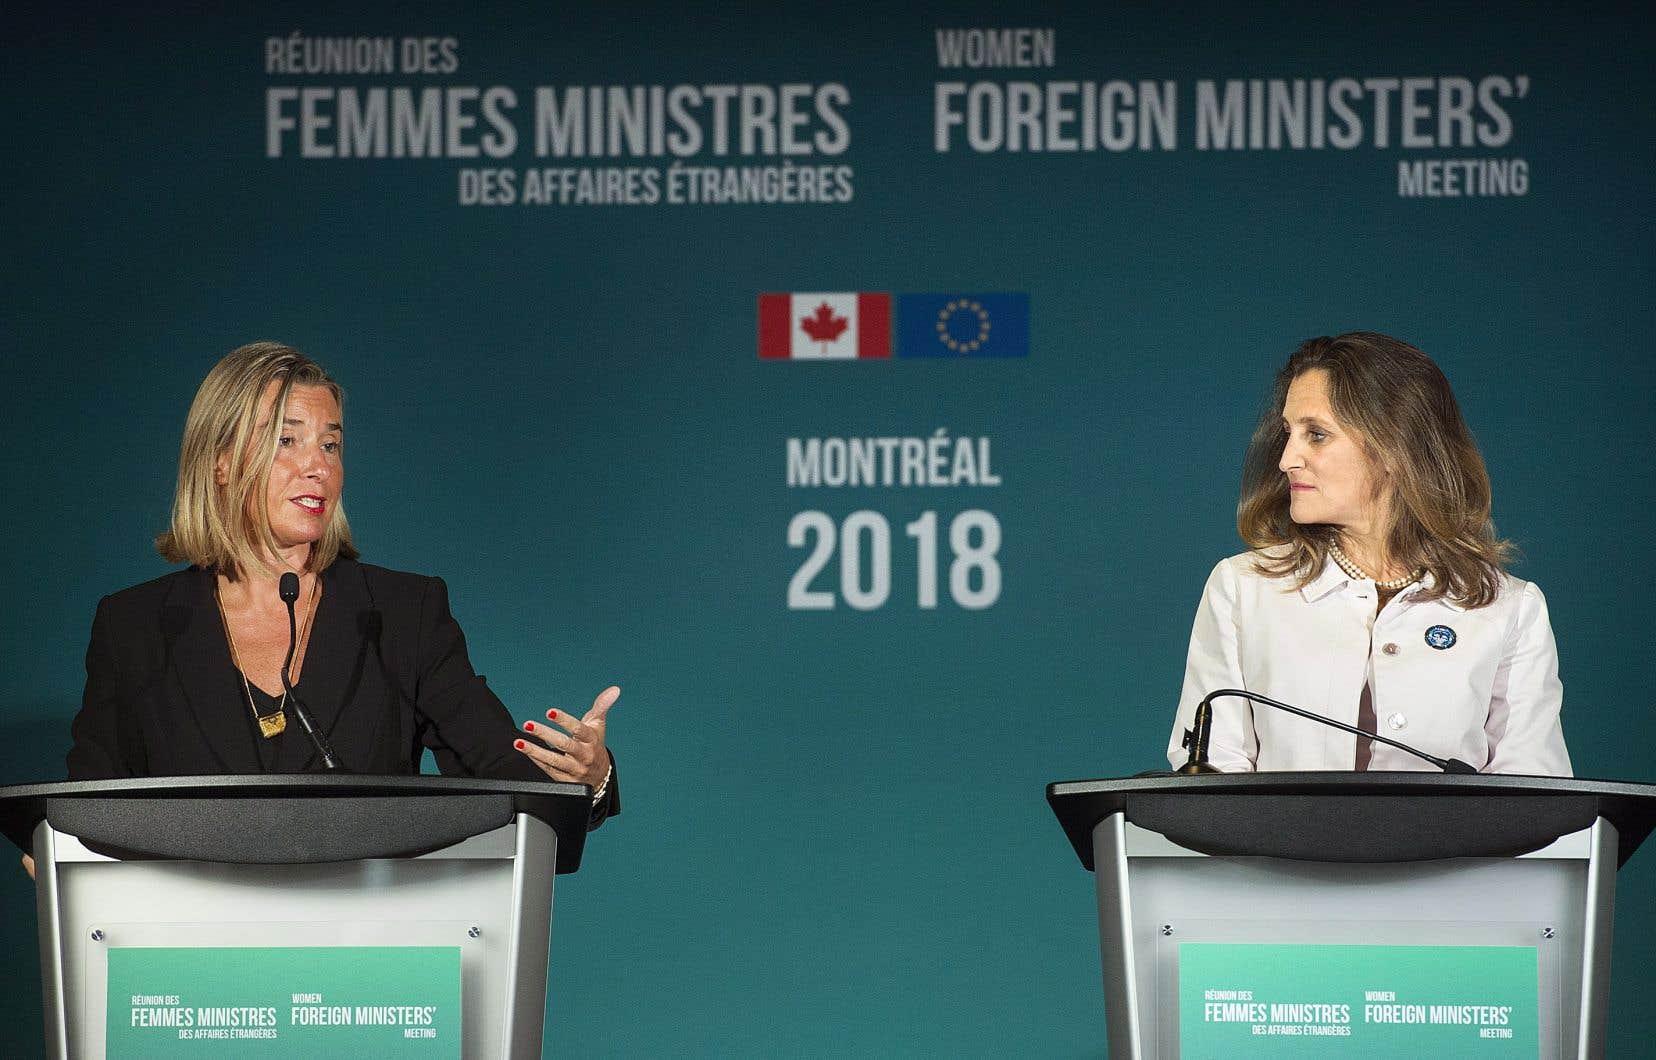 L'événement était organisé par MmeFreeland et la cheffe de la diplomatie de l'Union européenne Federica Mogherini.